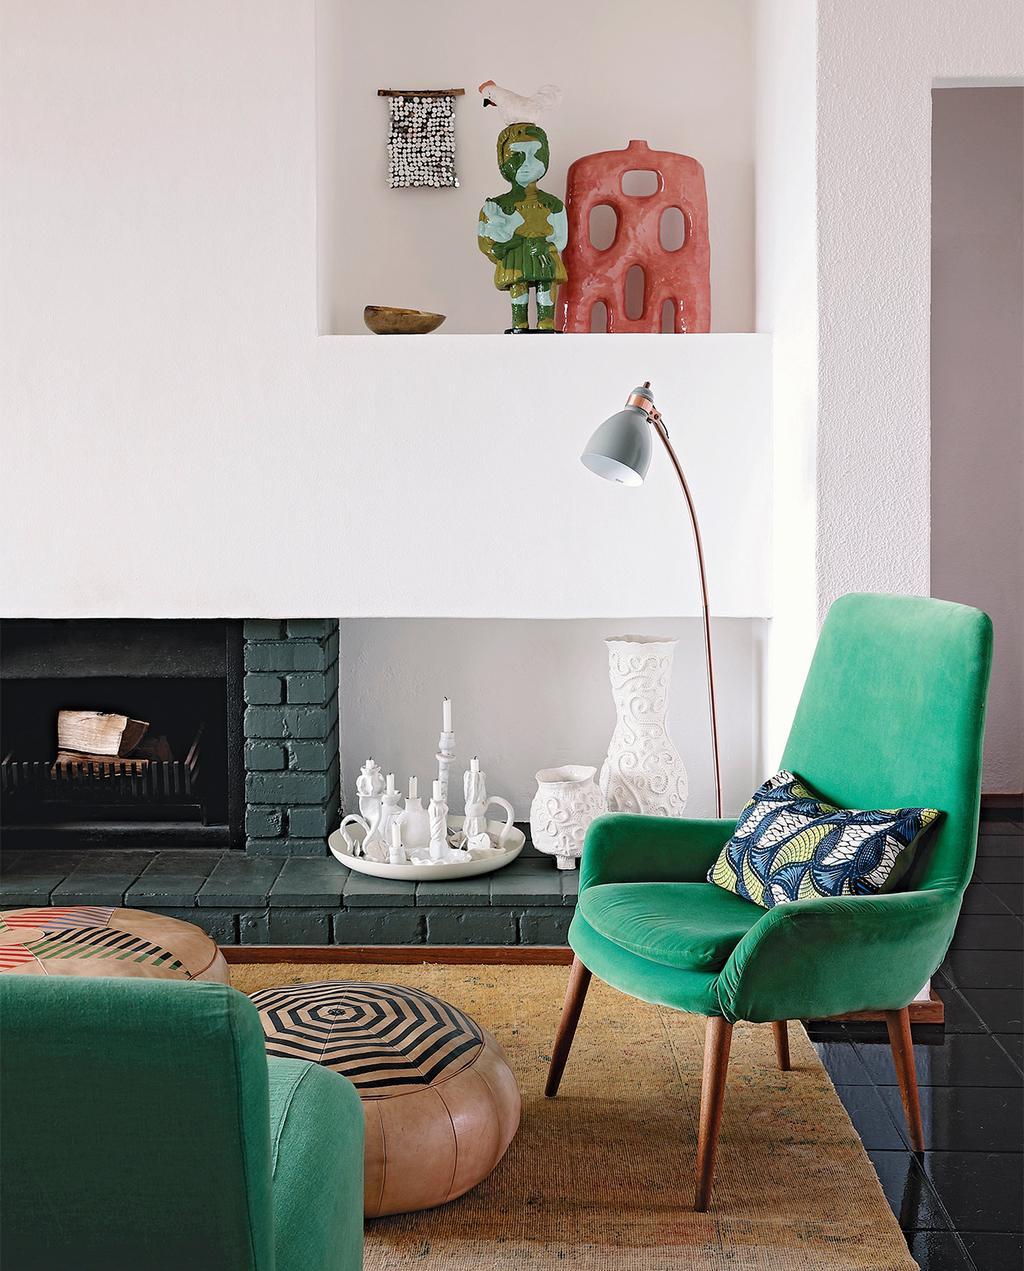 vtwonen special zomerhuizen 07-2021 | groene fauteuil met open haard